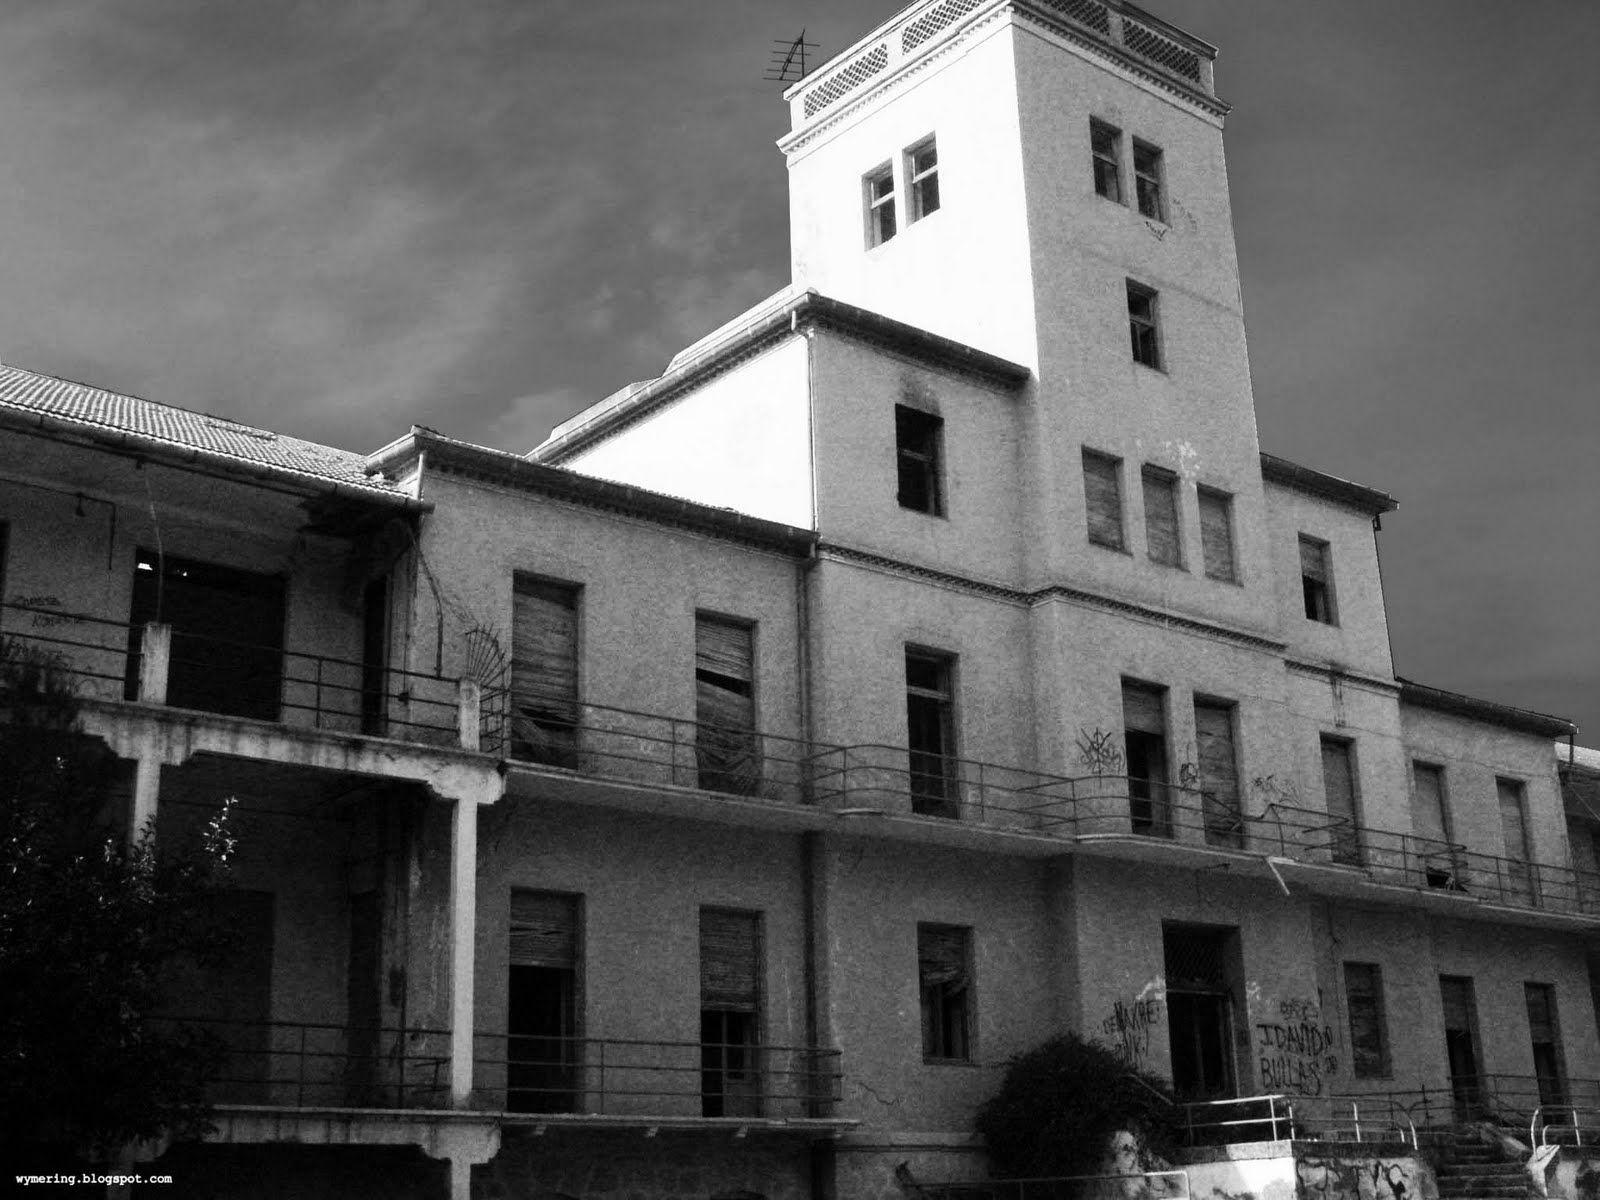 Experiencias Paranormales - Noche en el sanatorio de Sierra Espuña ...